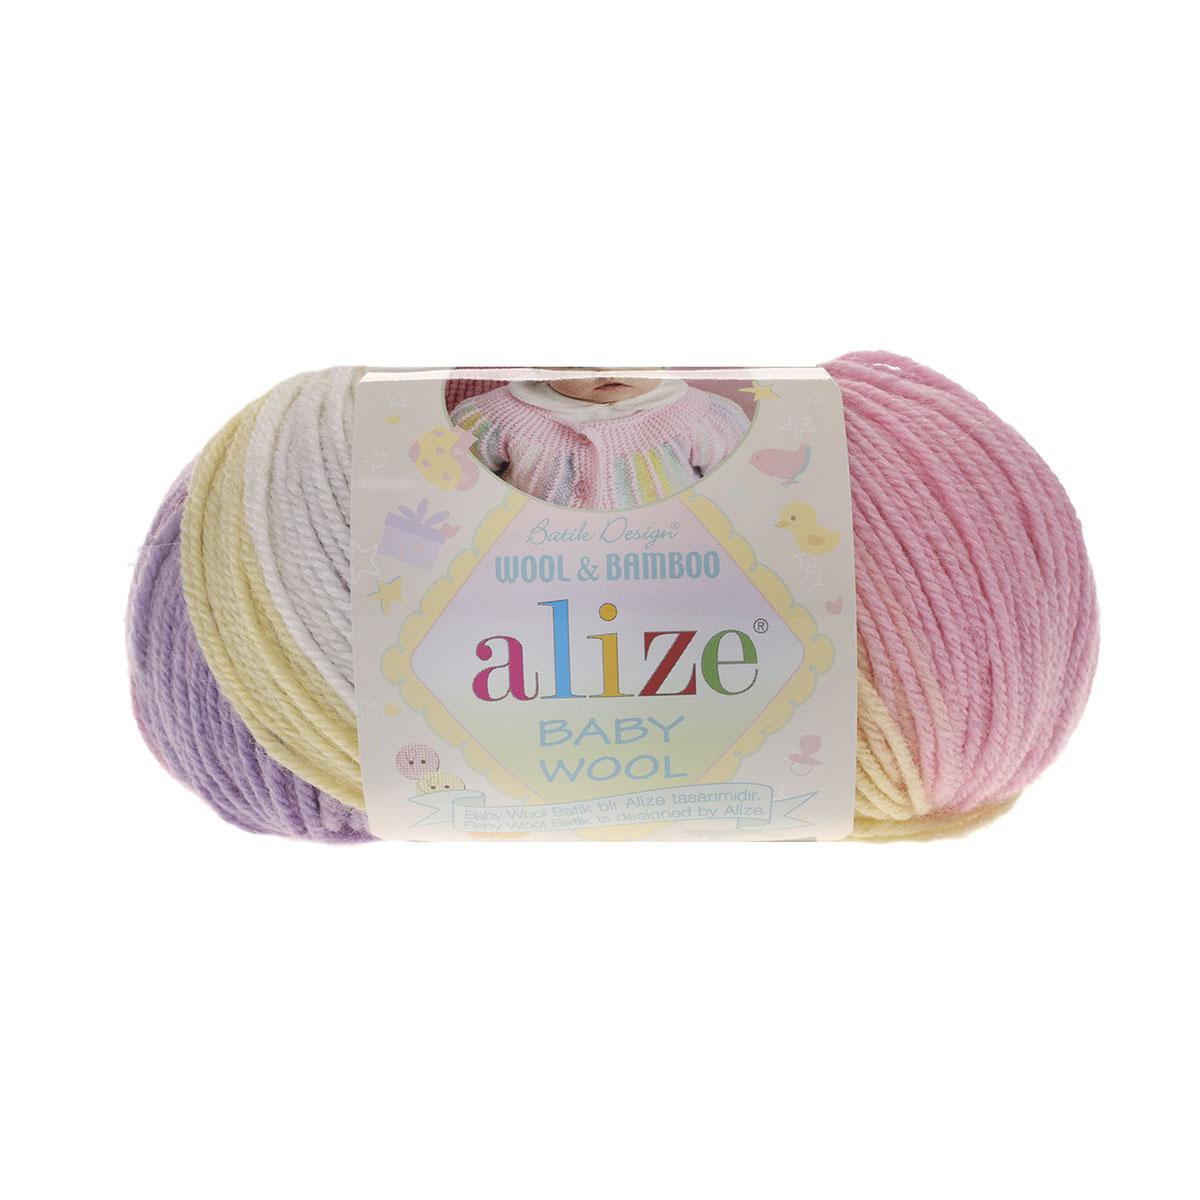 Пряжа ALIZE 'Baby wool batik' 50гр. 175м (20%бамбук, 40%шерсть, 40%акрил) (4006 секционный) фото